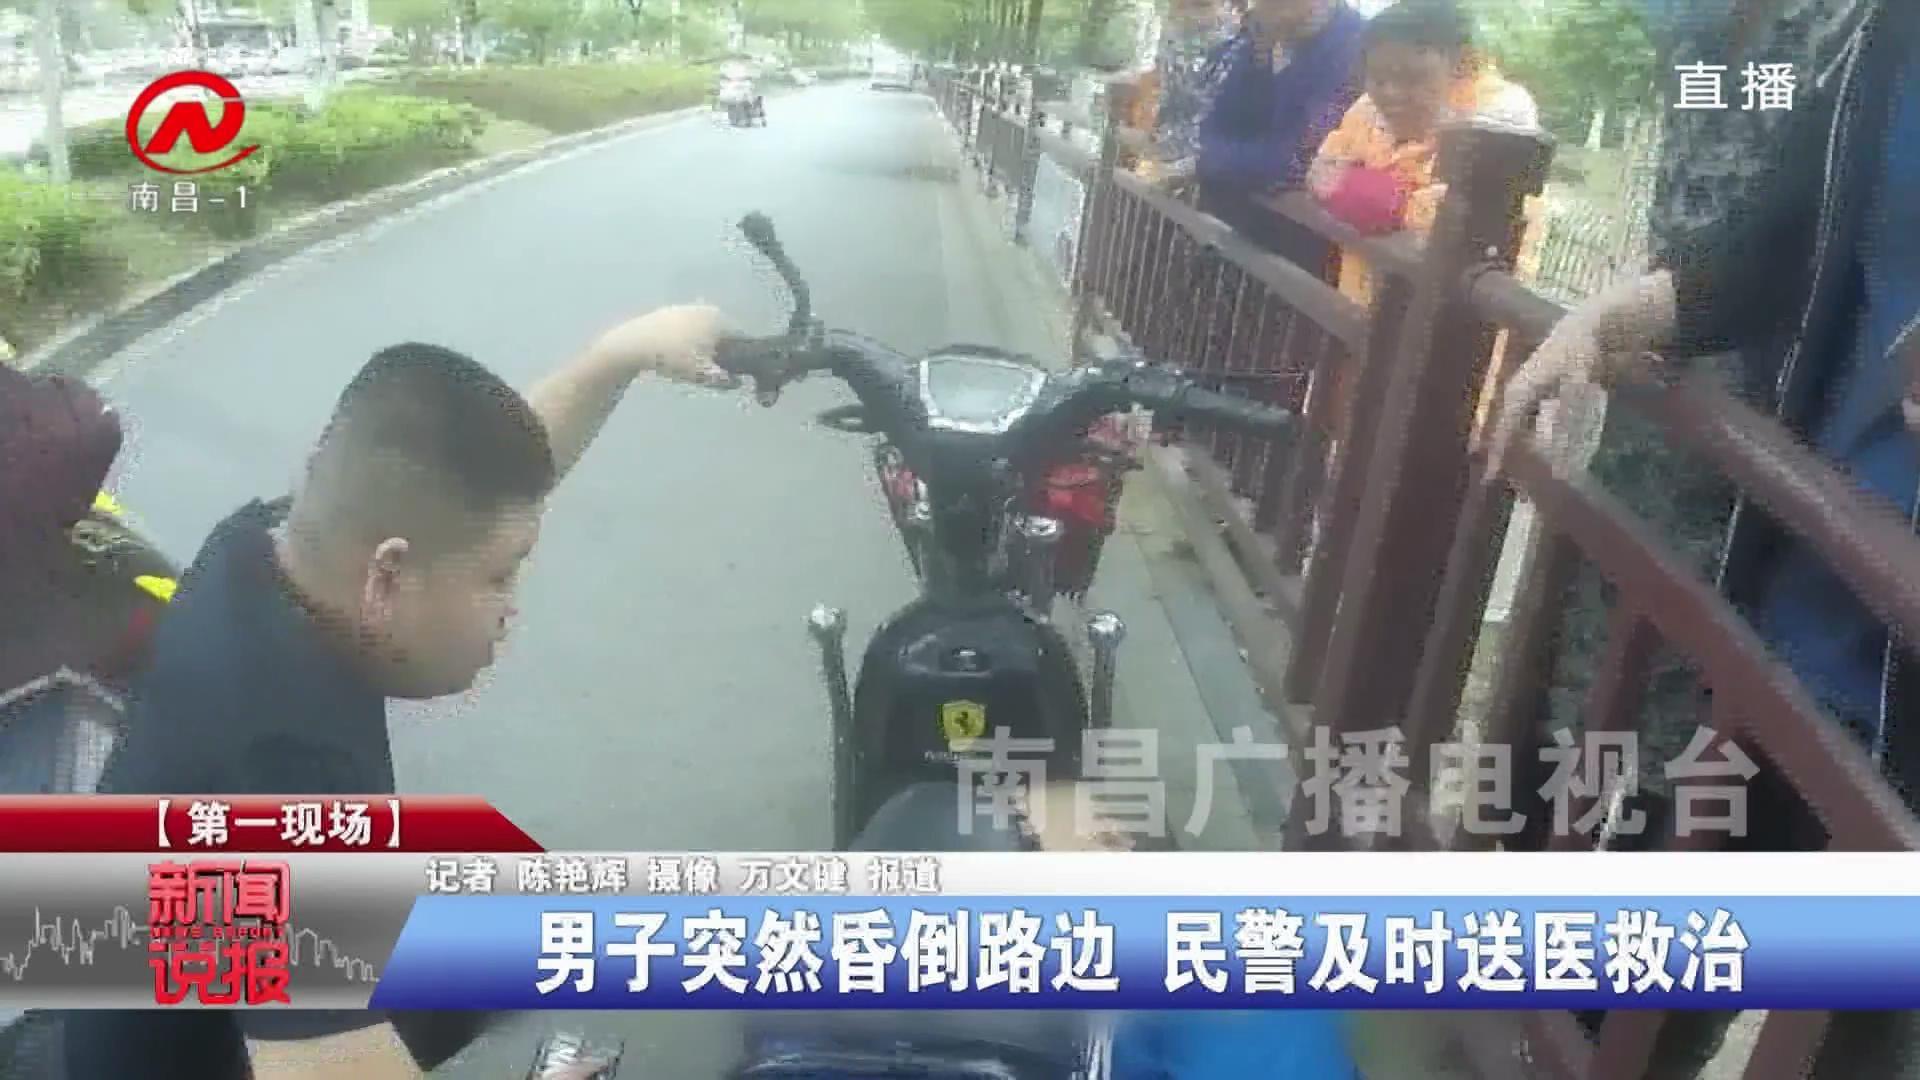 男子突然昏倒路边 民警及时送医救治